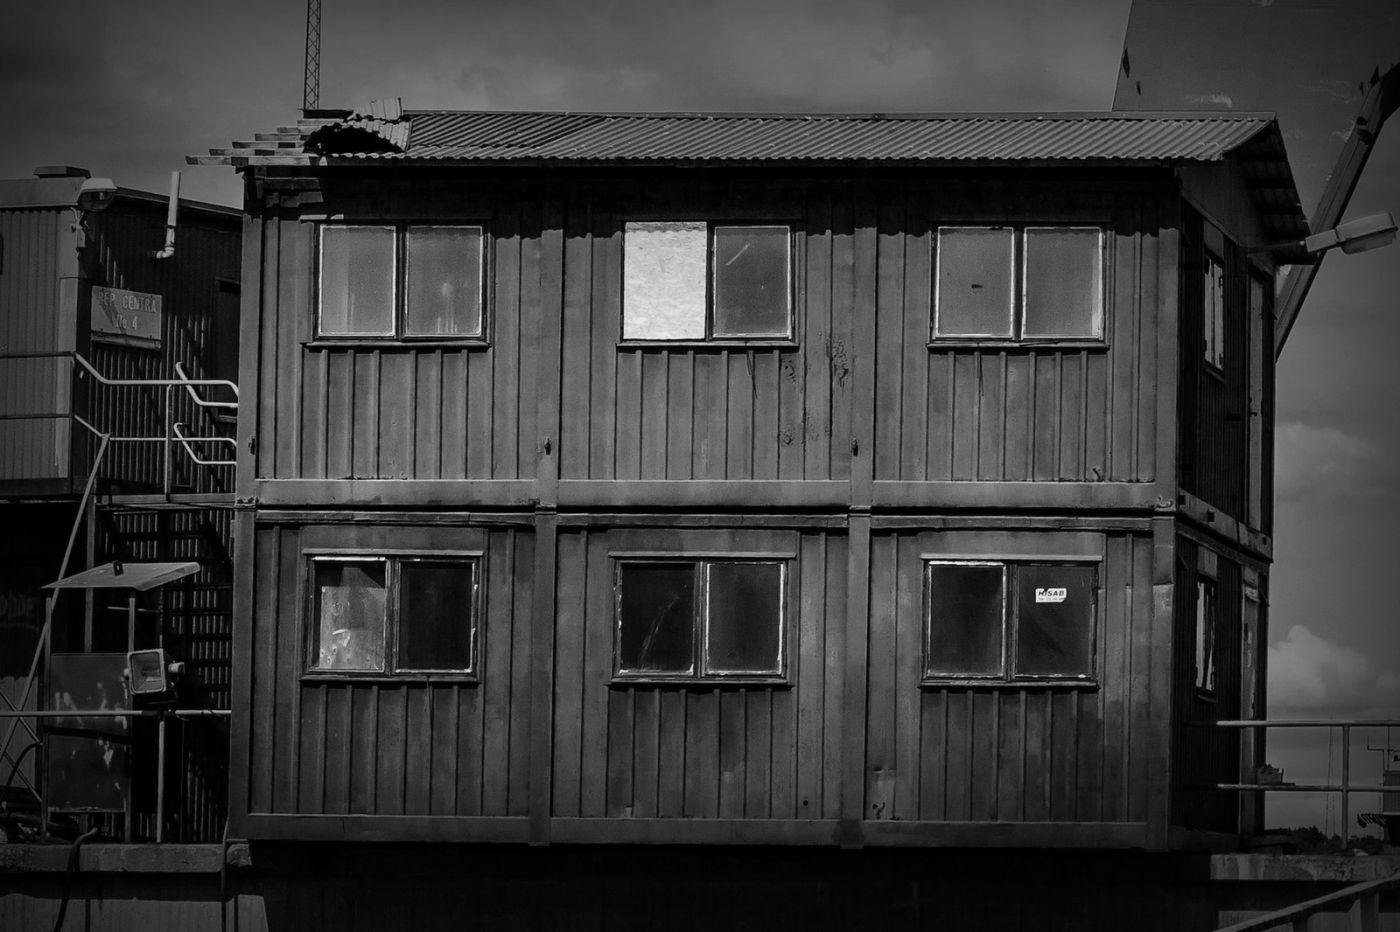 瑞典哥德堡,黑白世界_图1-15